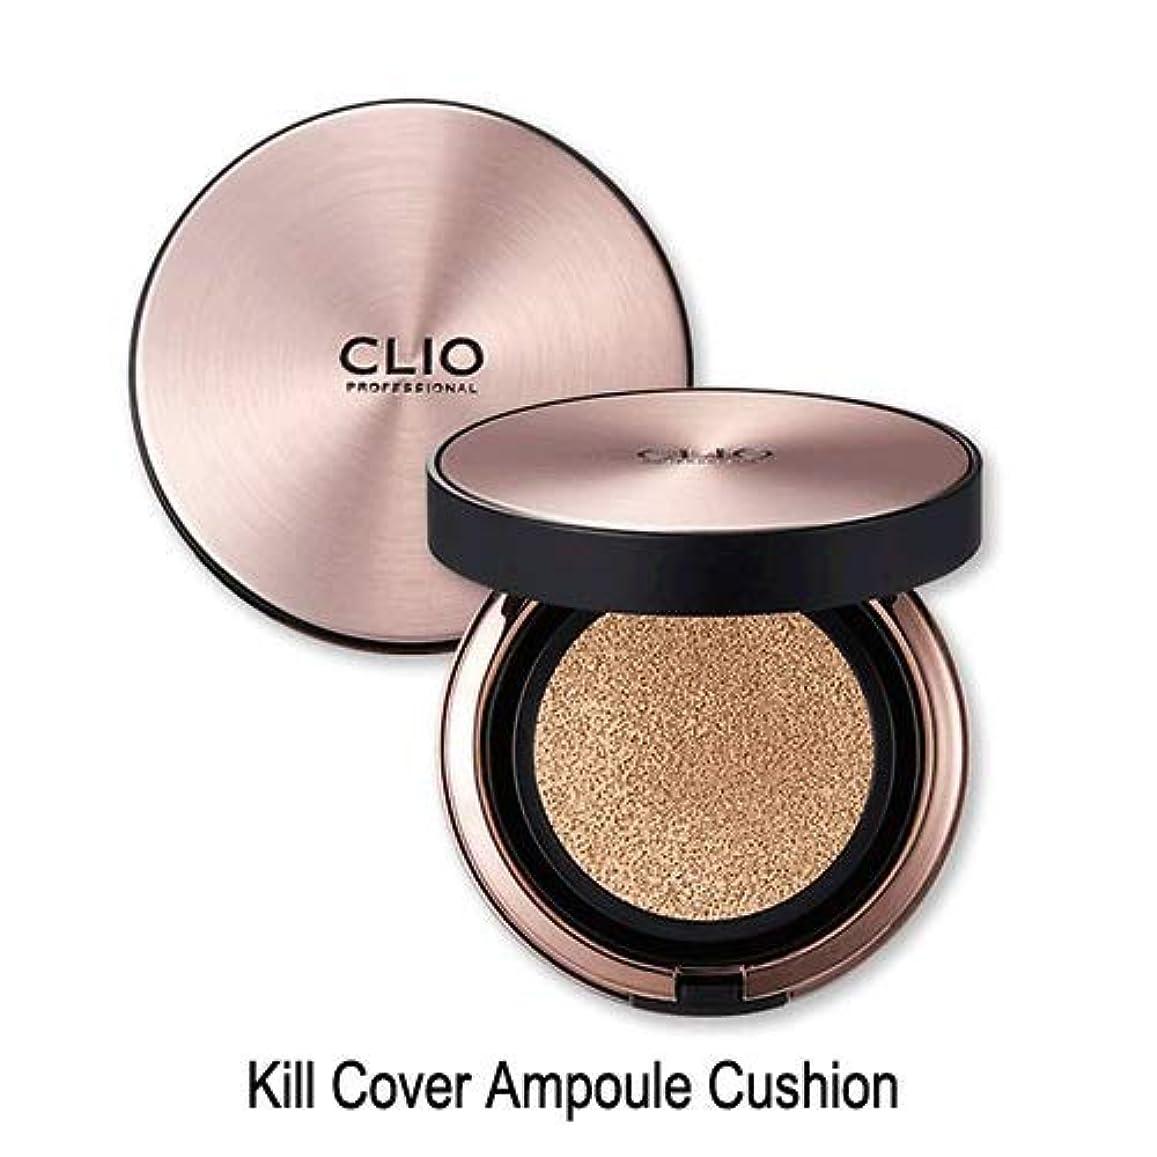 合理的エイリアンささいなキルカバー アンプル クッション(Kill Cover Ampoule Cushion) 2ランジェリー